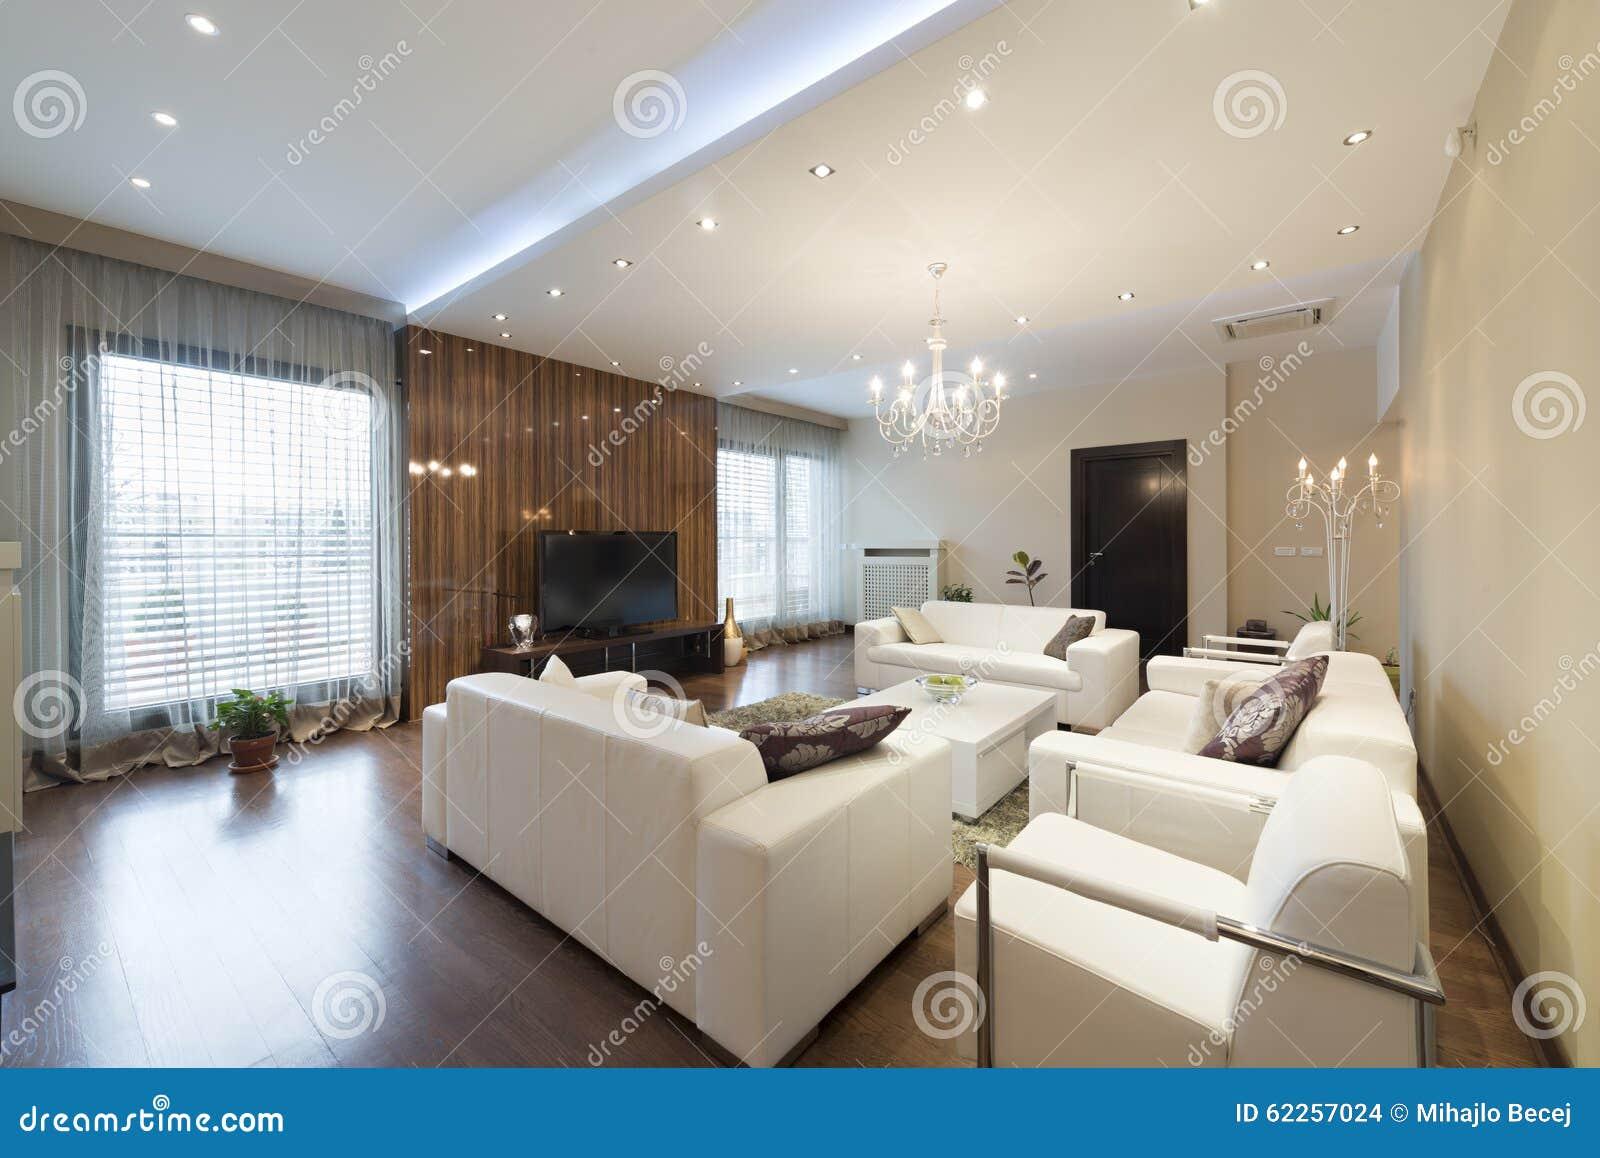 Int rieur d 39 un salon spacieux en appartement de luxe photo stock image 62257024 for Un salon de luxe